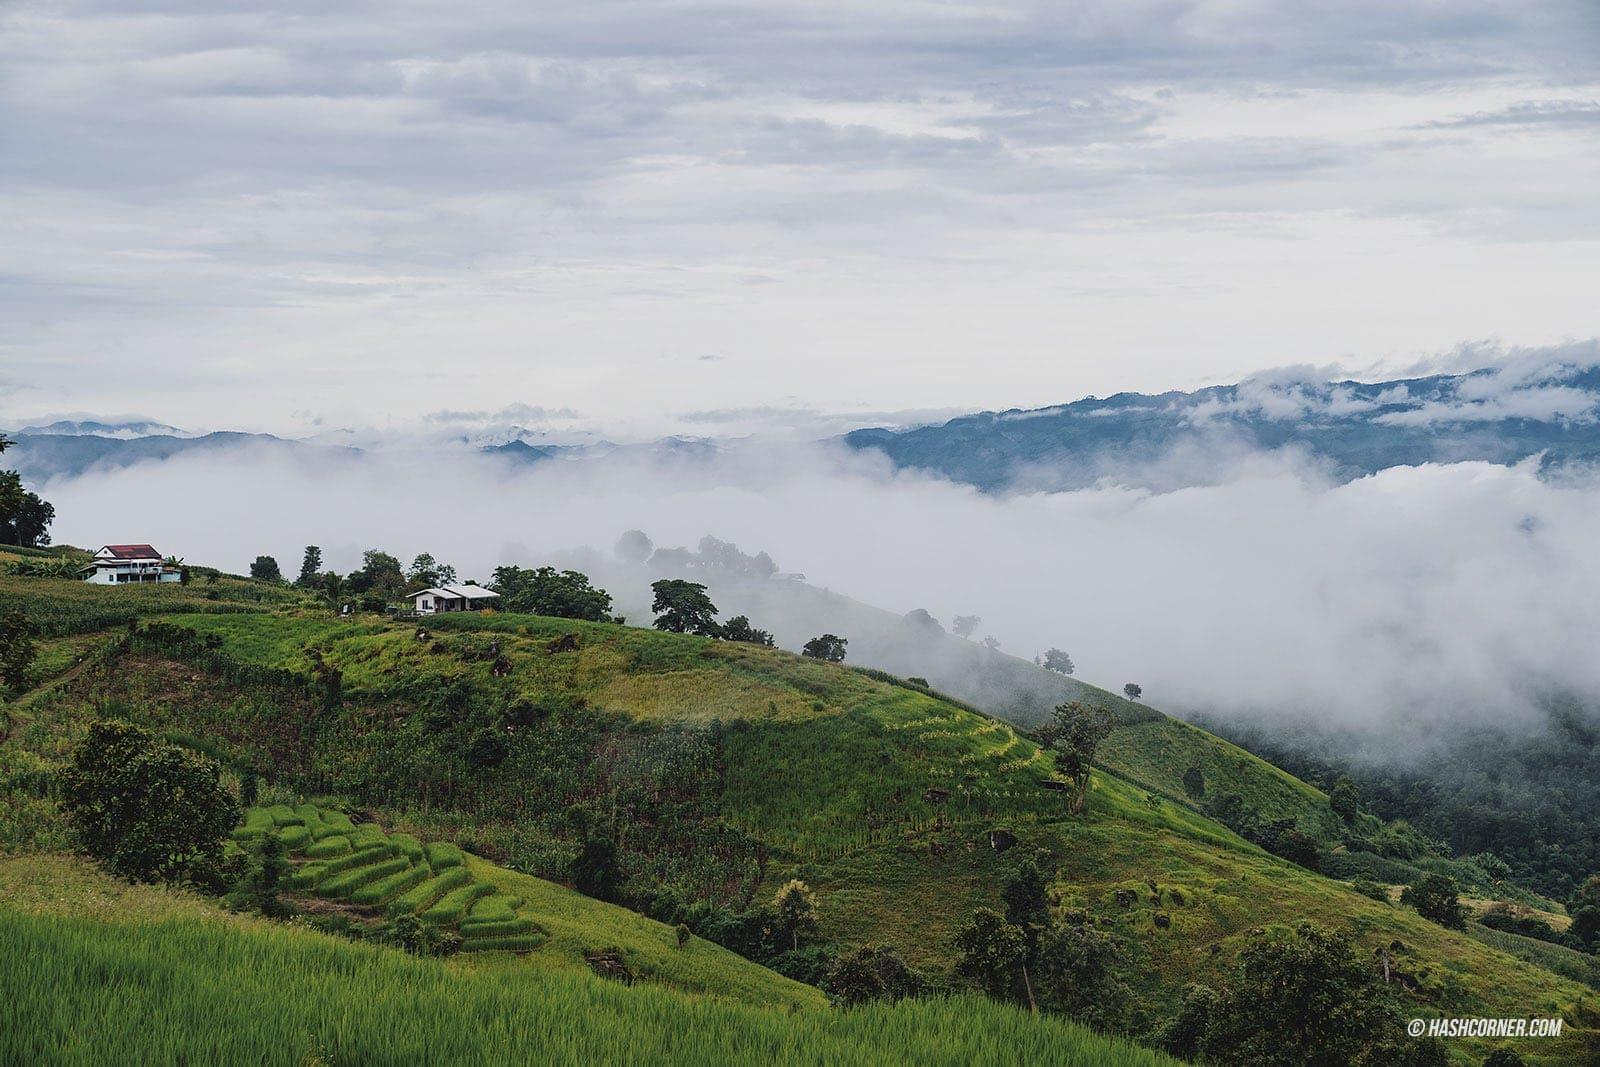 รีวิว ป่าบงเปียง x เชียงใหม่ นาขั้นบันไดที่สุดในไทย